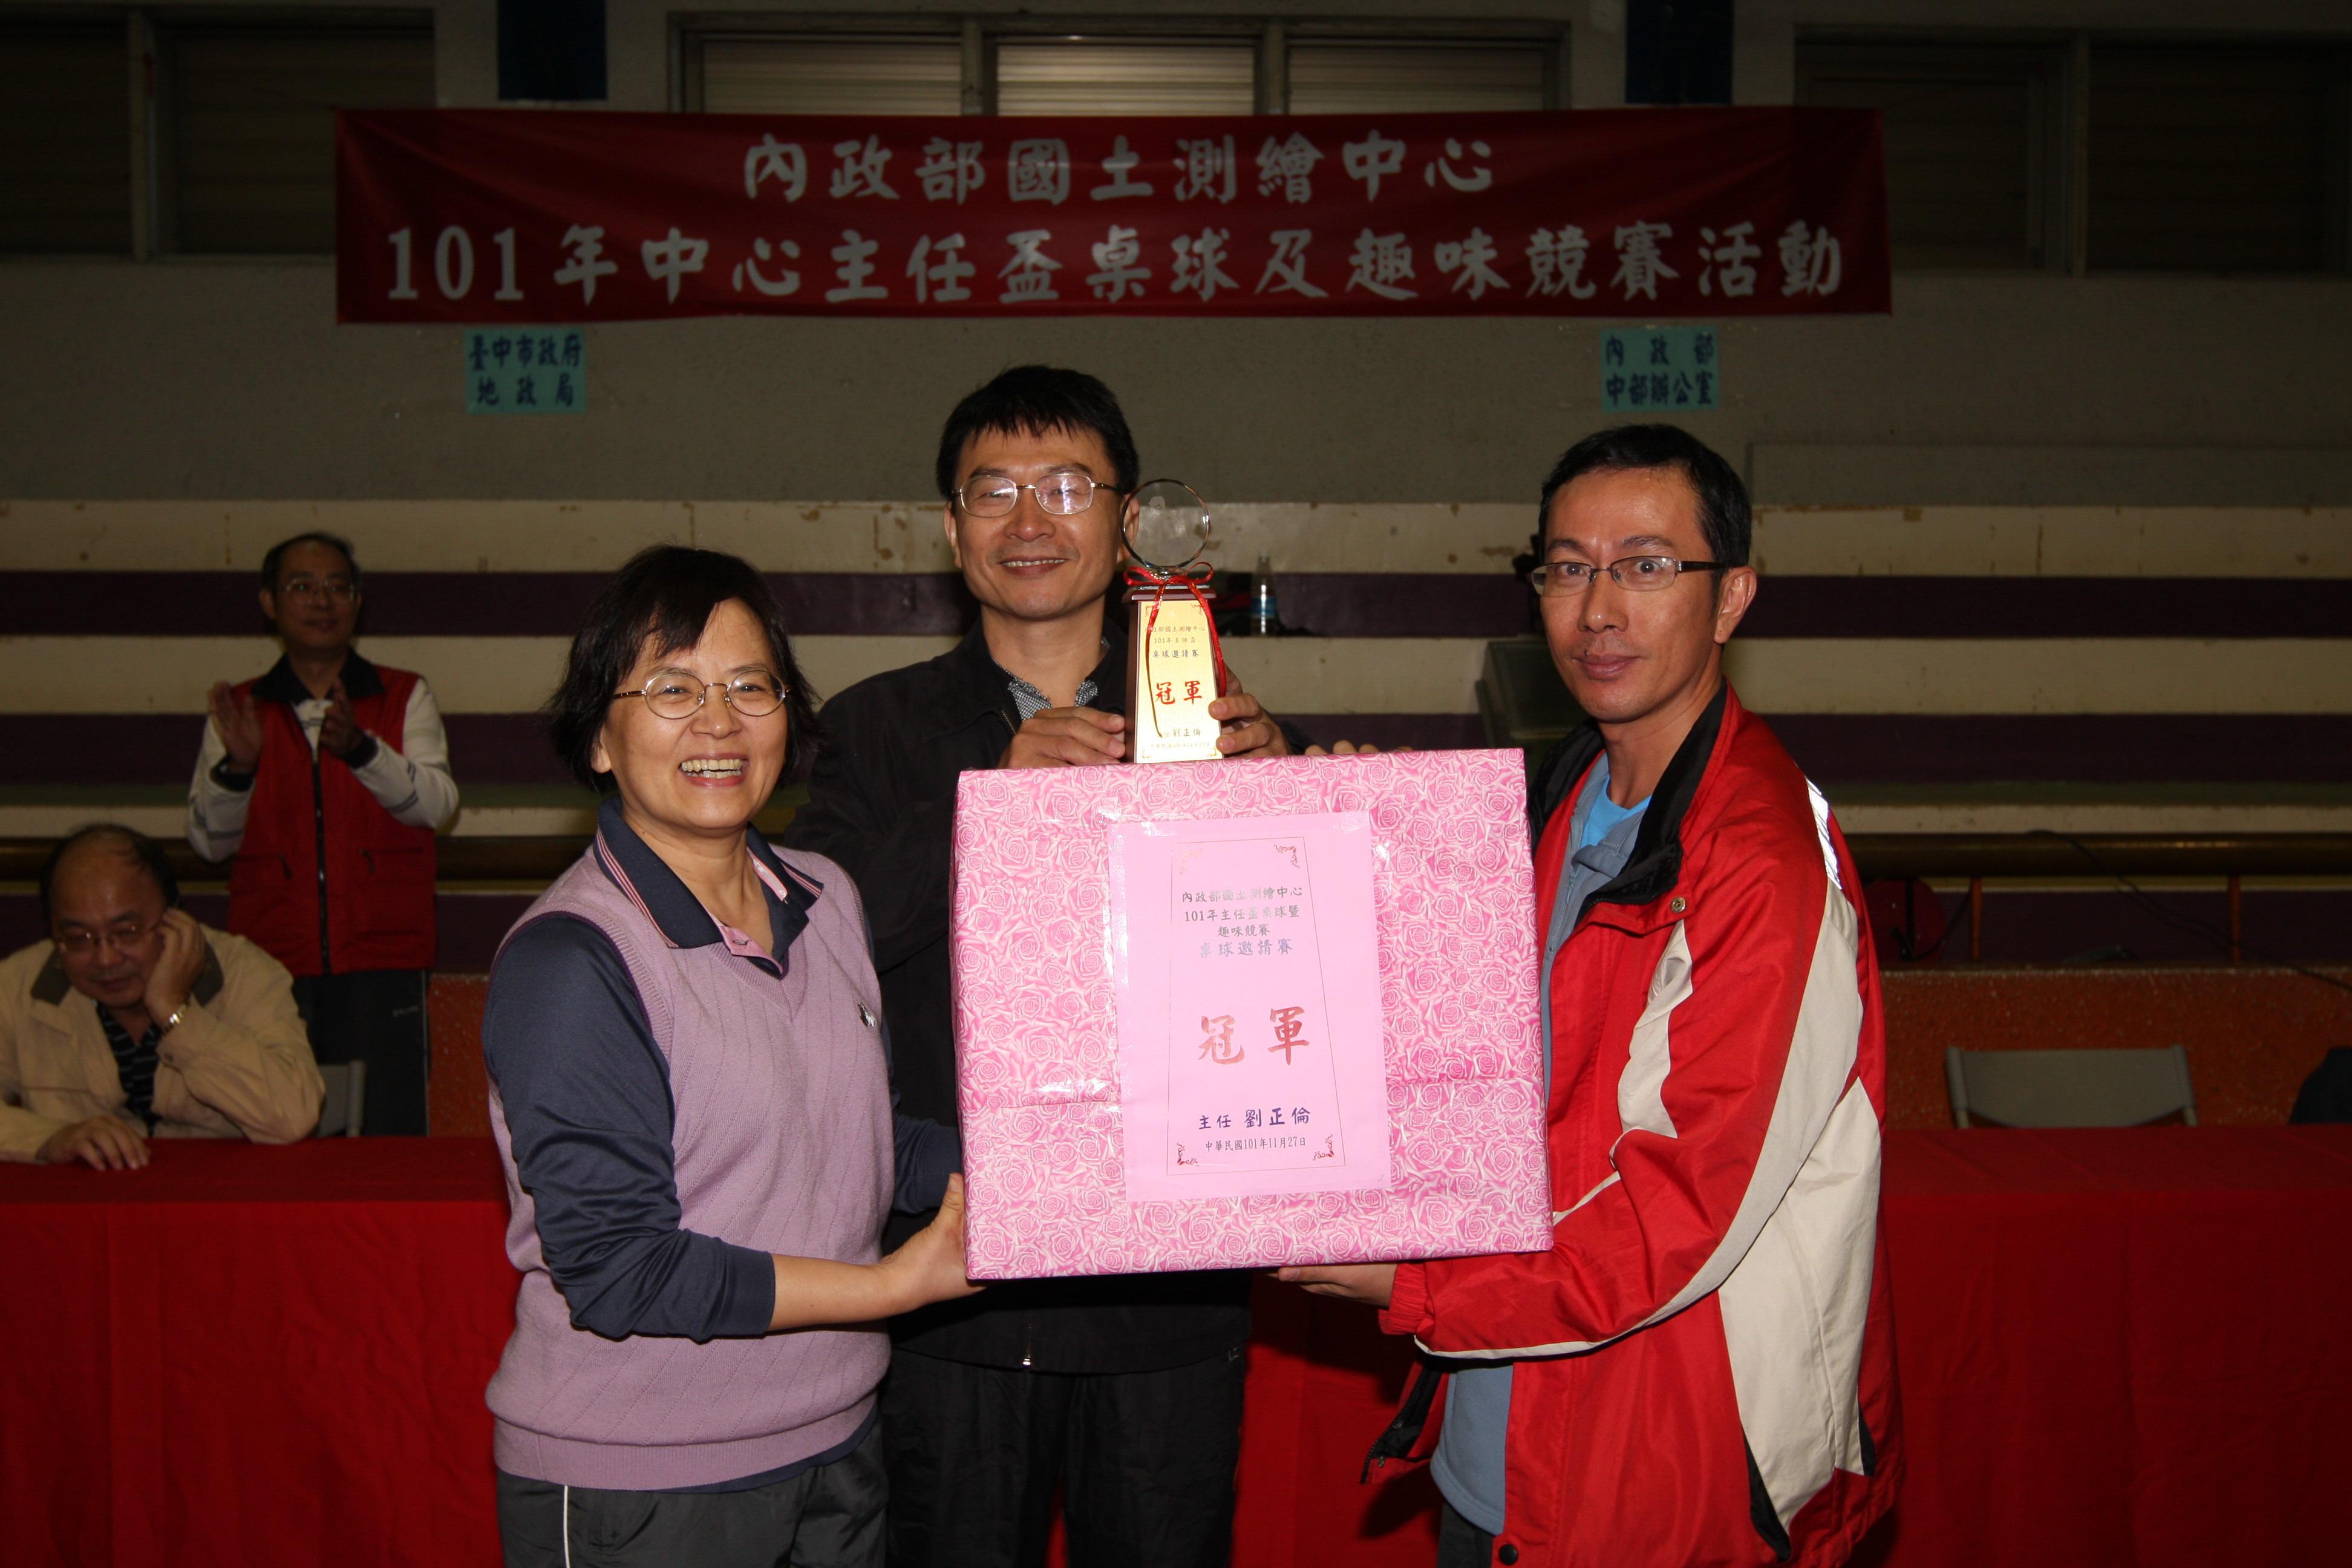 王副司長靚琇(左)頒獎予桌球邀請賽冠軍-本中心(右)